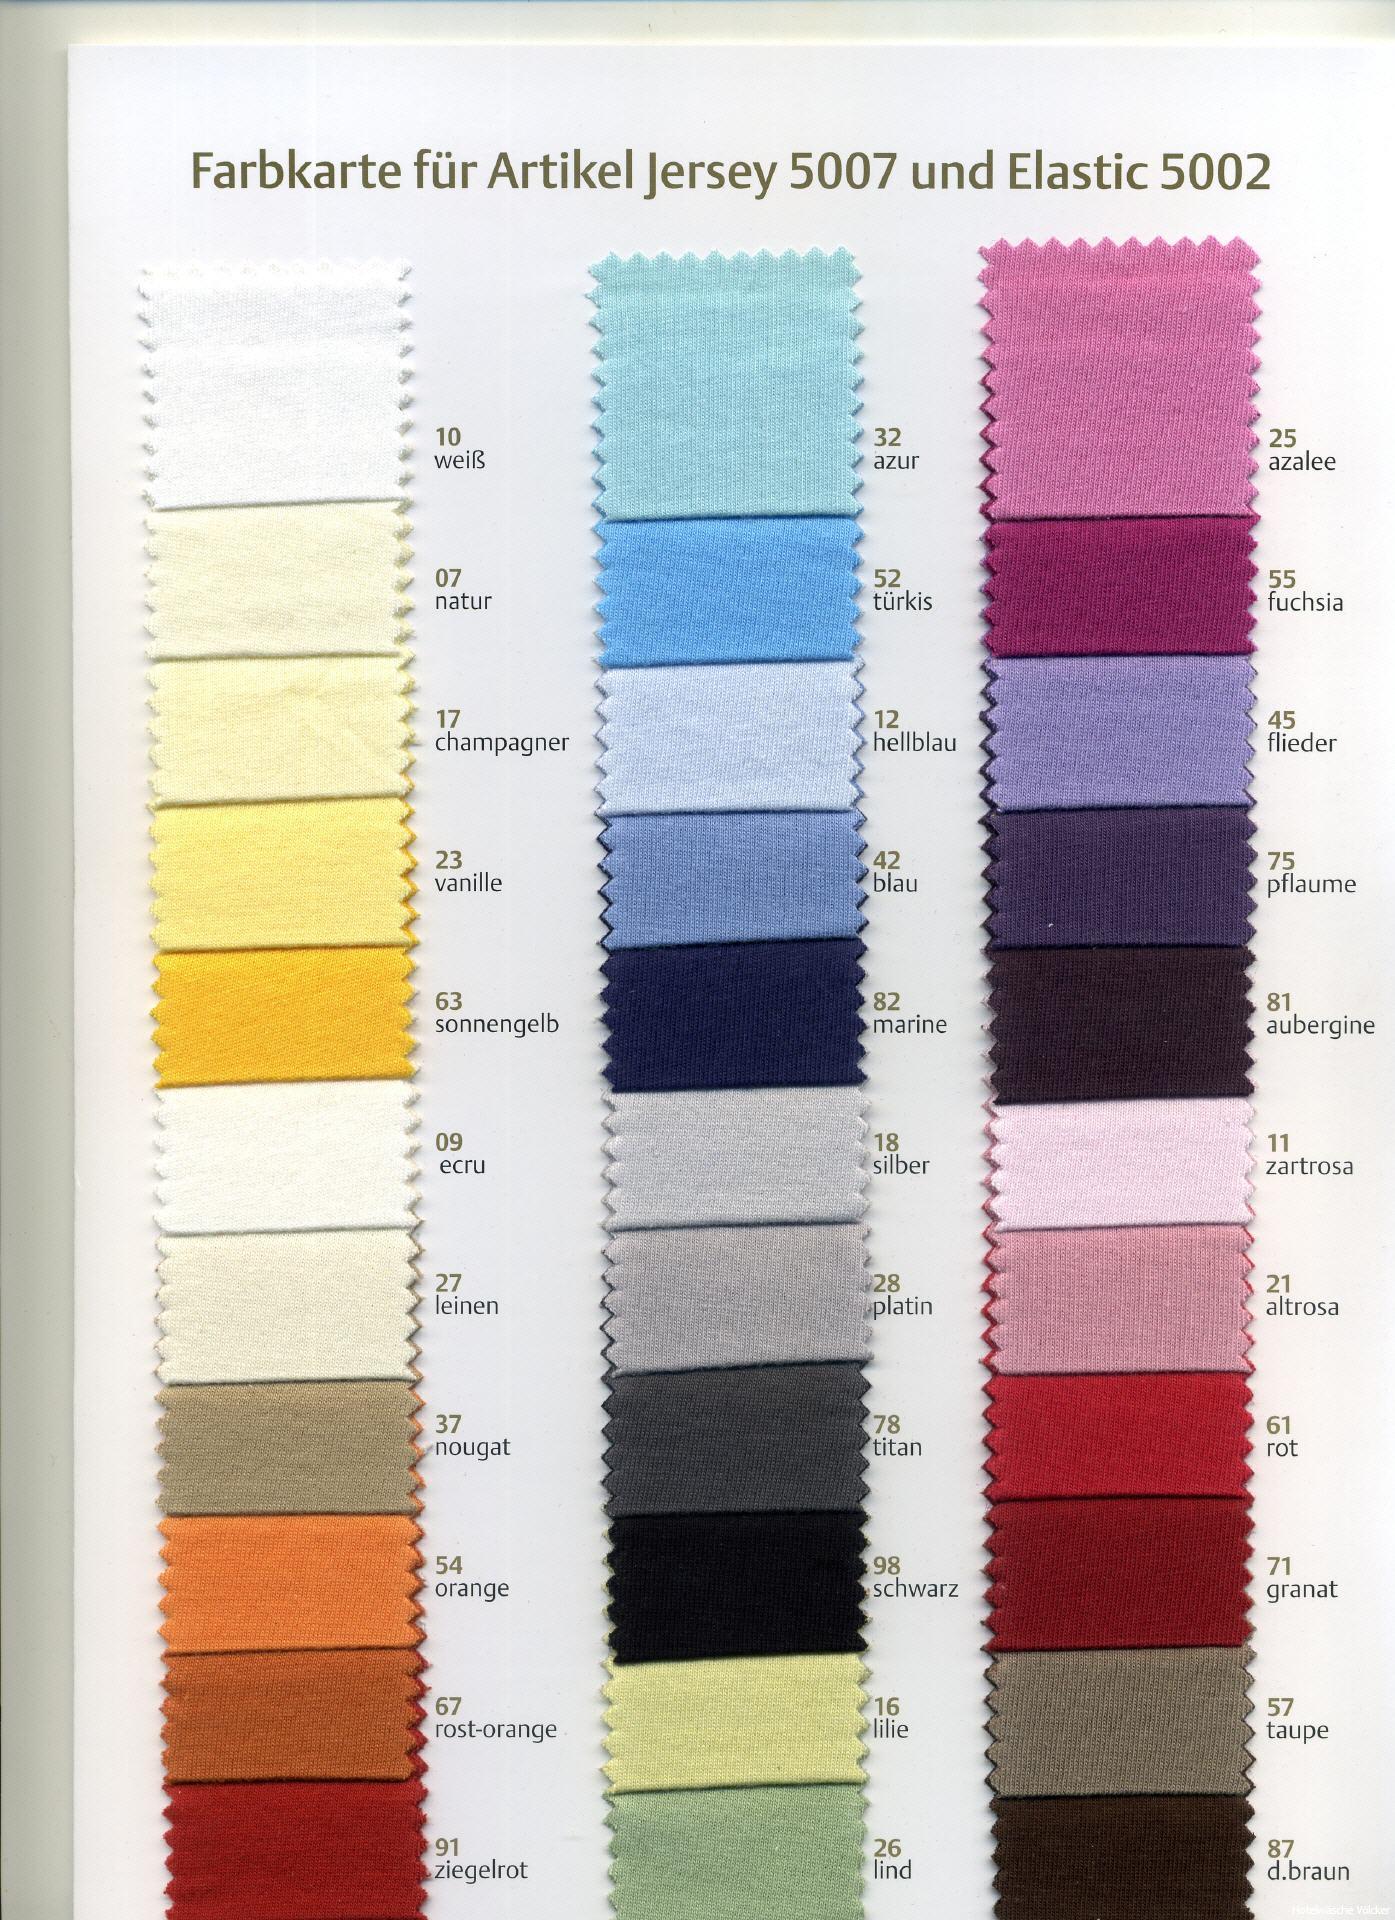 esamt bersicht hotelbettw sche farbe gr n die lieferm glichkeiten von hotelw sche v lcker in. Black Bedroom Furniture Sets. Home Design Ideas